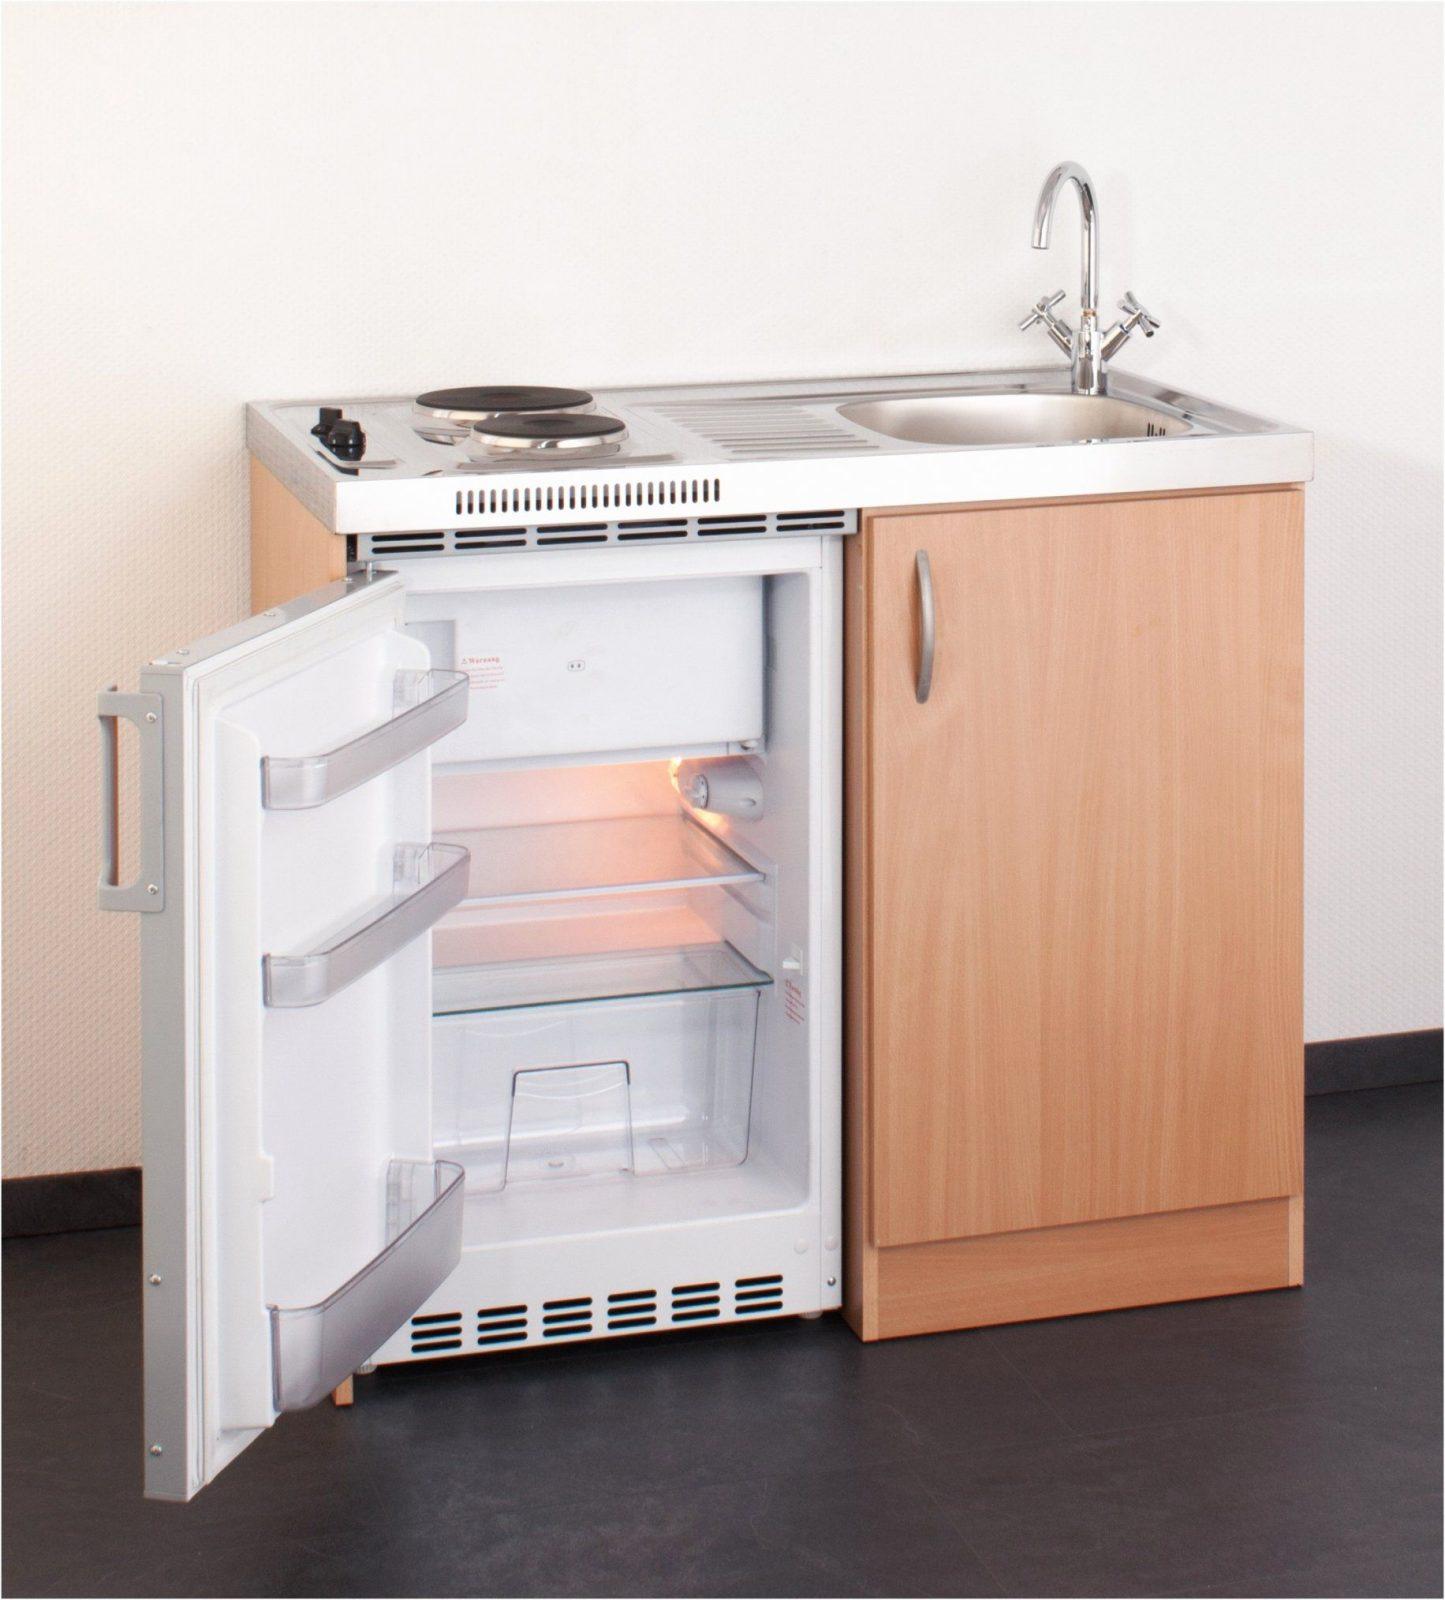 Miniküche Mit Kühlschrank Einzigartig Miniküche 100 Cm In Buche Mit von Pantryküche 100 Cm Mit Kühlschrank Photo